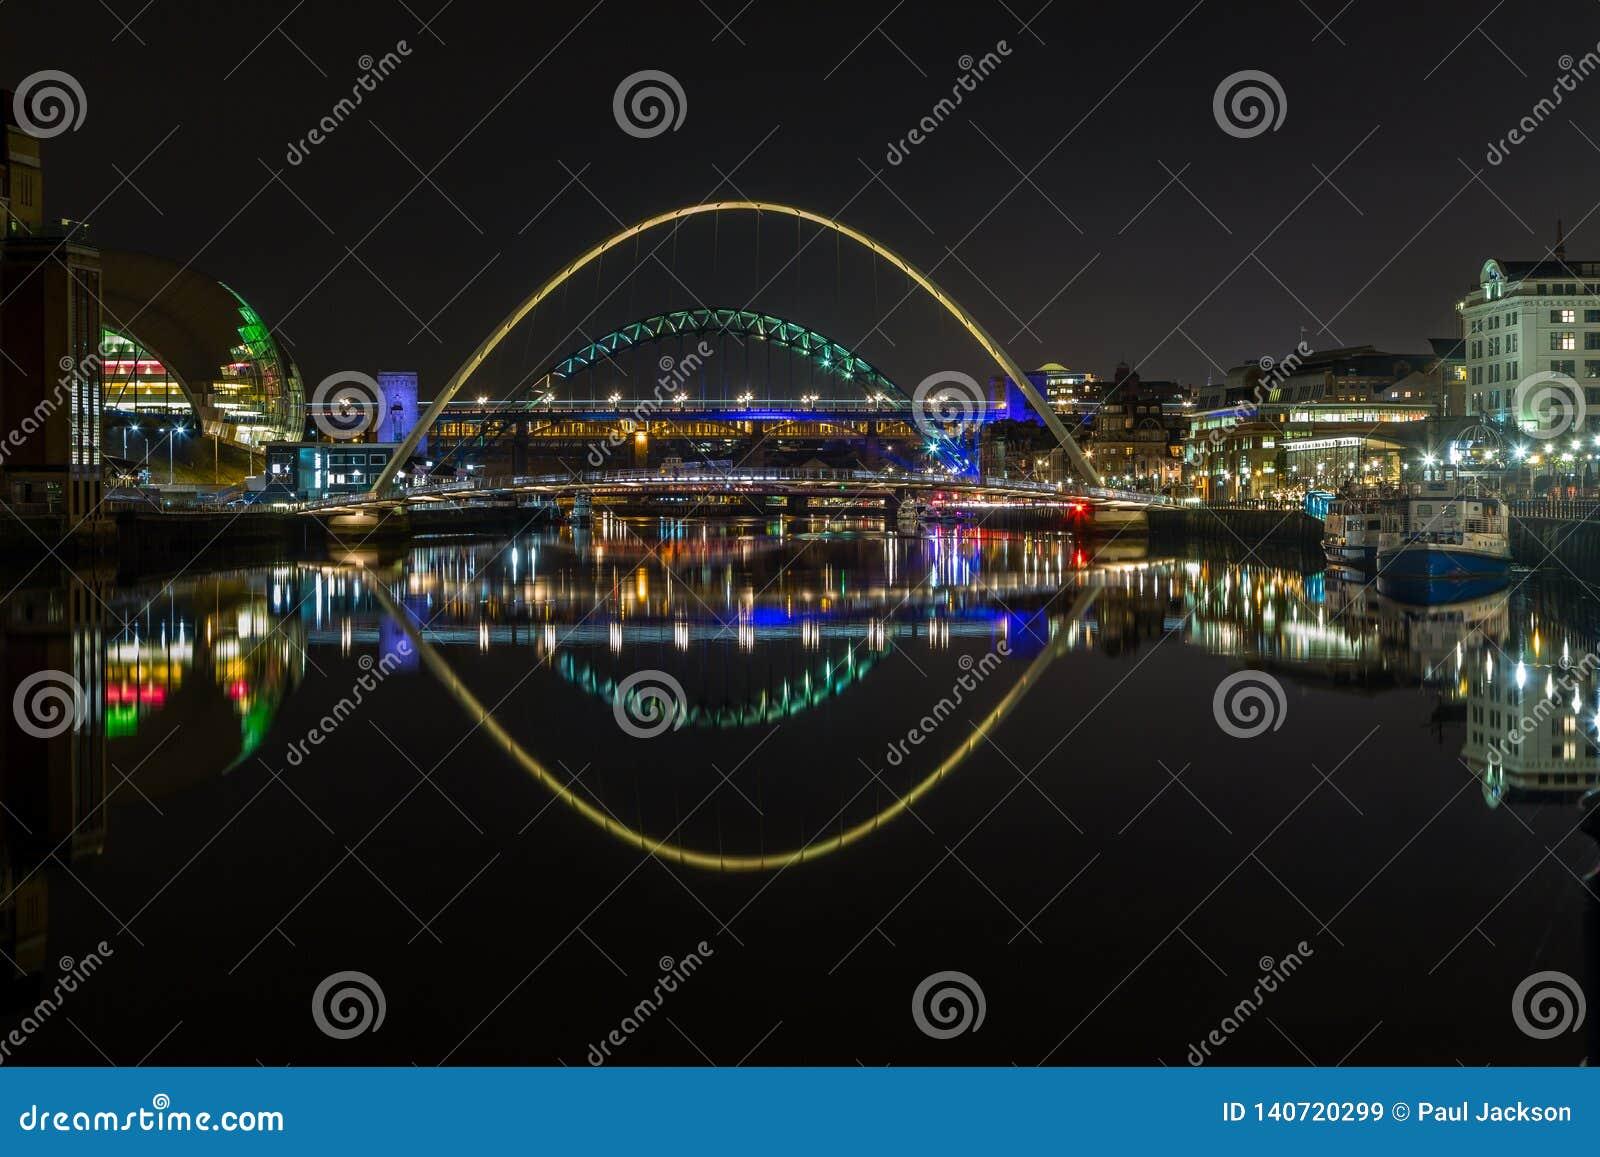 Les ponts lumineux de la rivière Tyne, Newcastle, la nuit